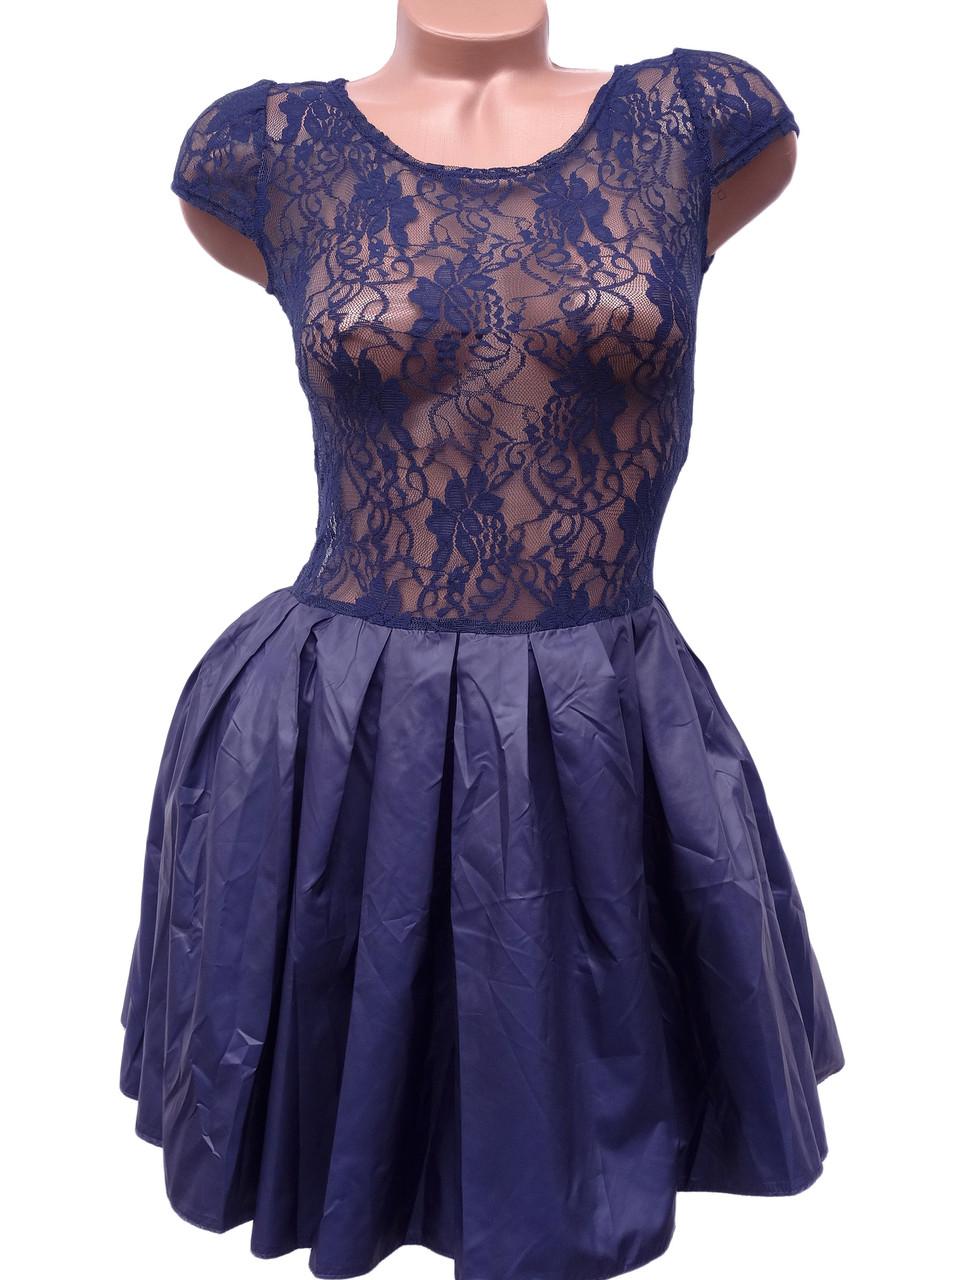 Нарядное платье с фатиновым подъюбником (в расцветках 40-46)